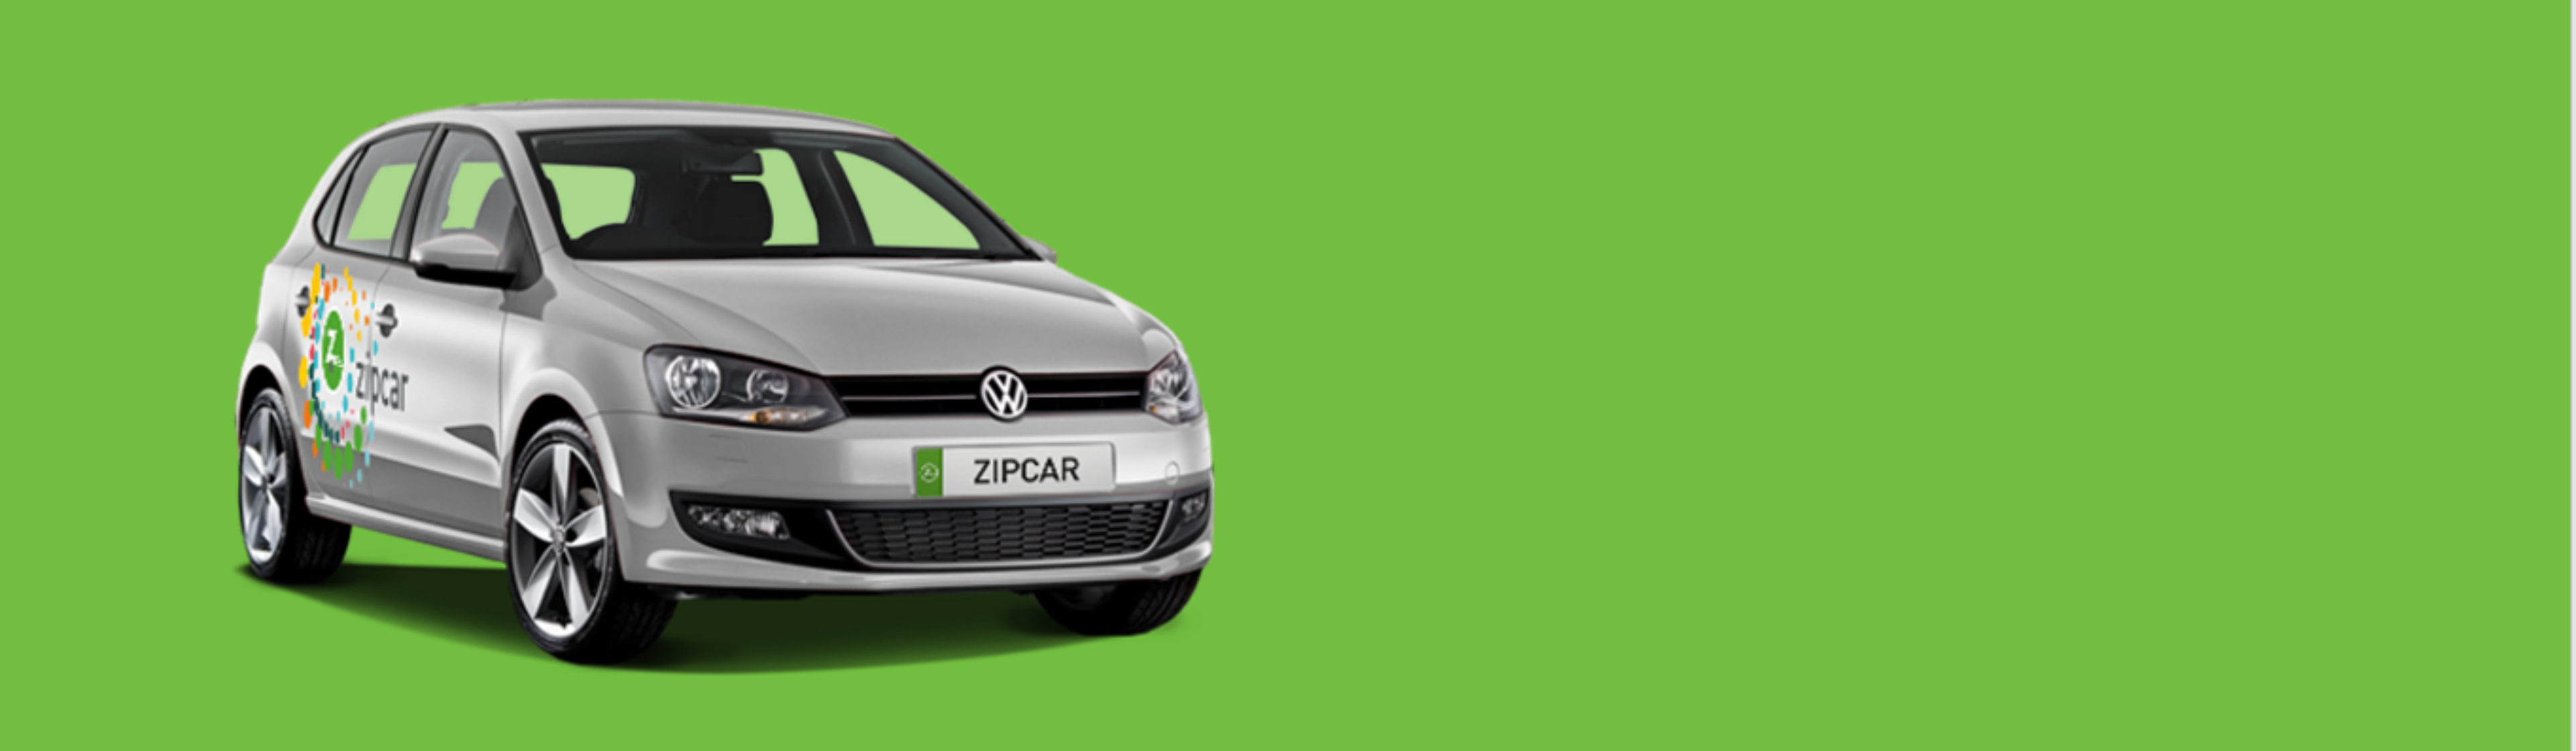 Zipcar flex vw polo